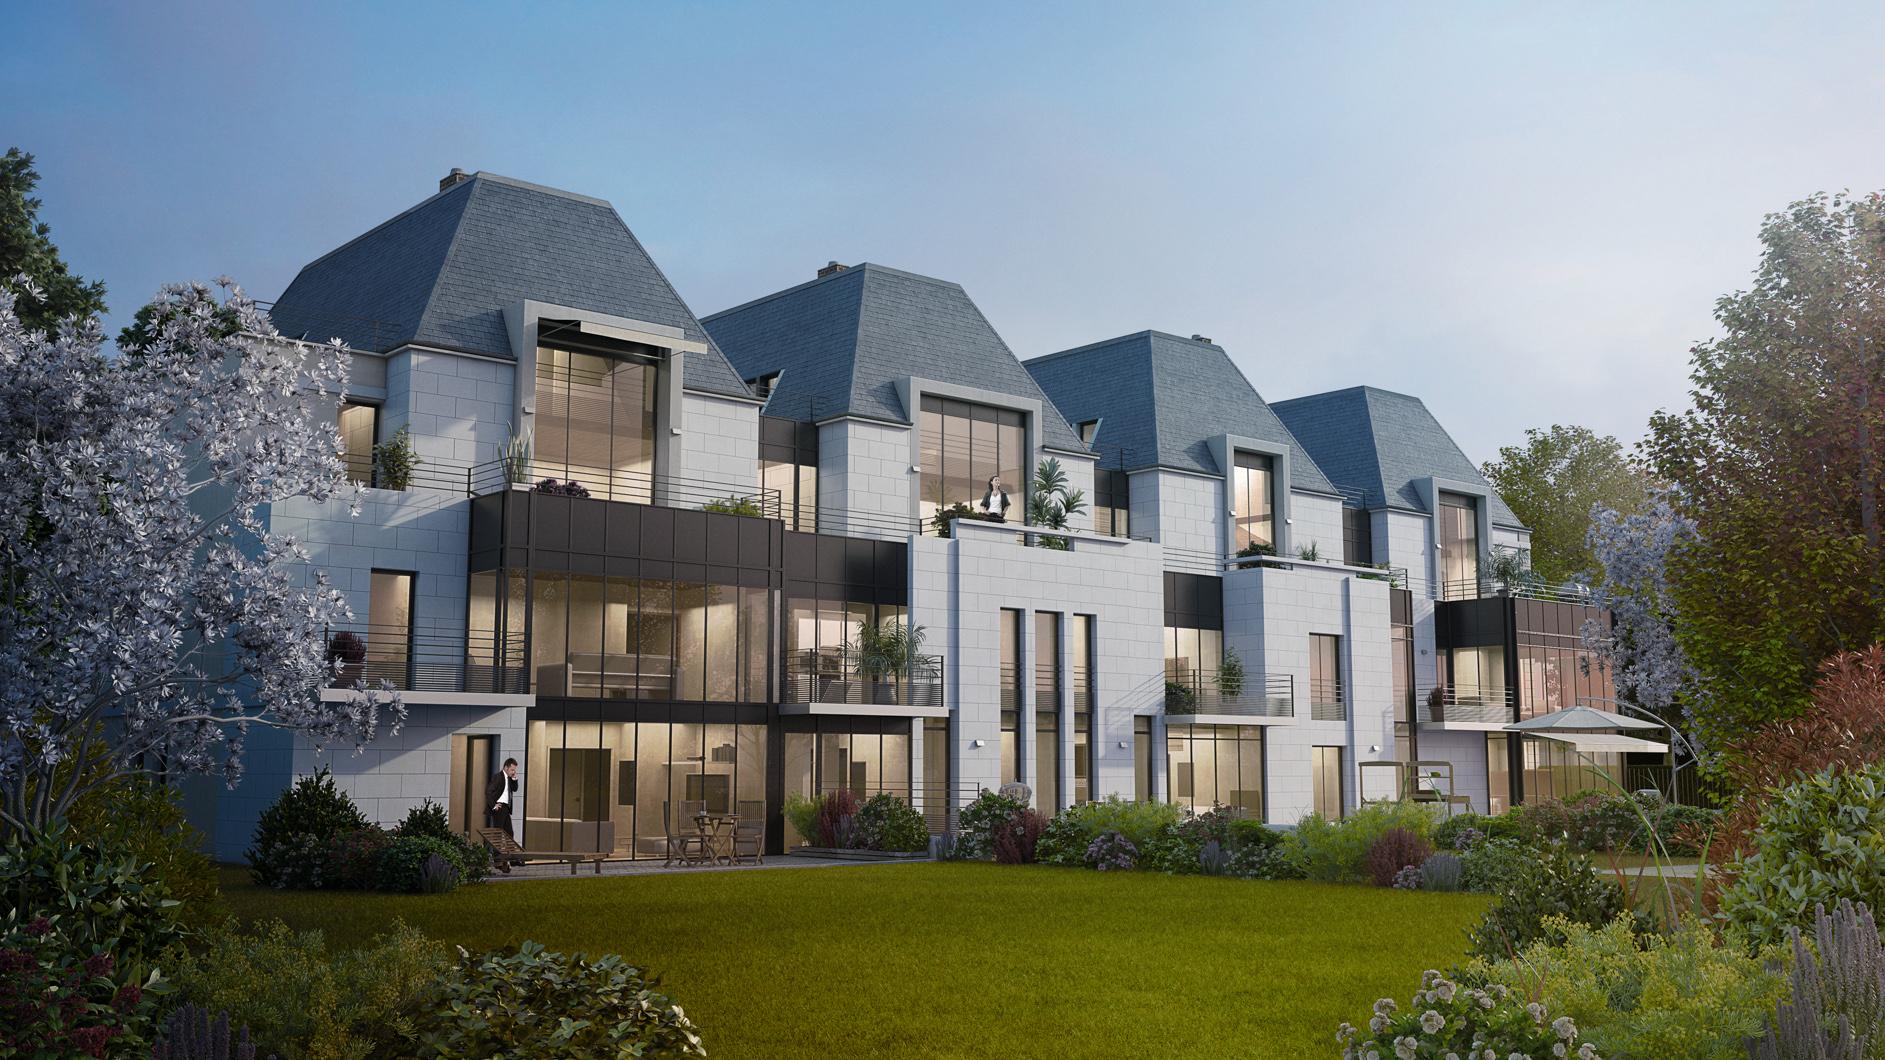 Dripmoon-archvis-graphiste3D-architecture-images-3D-Saint-Cyr (4)